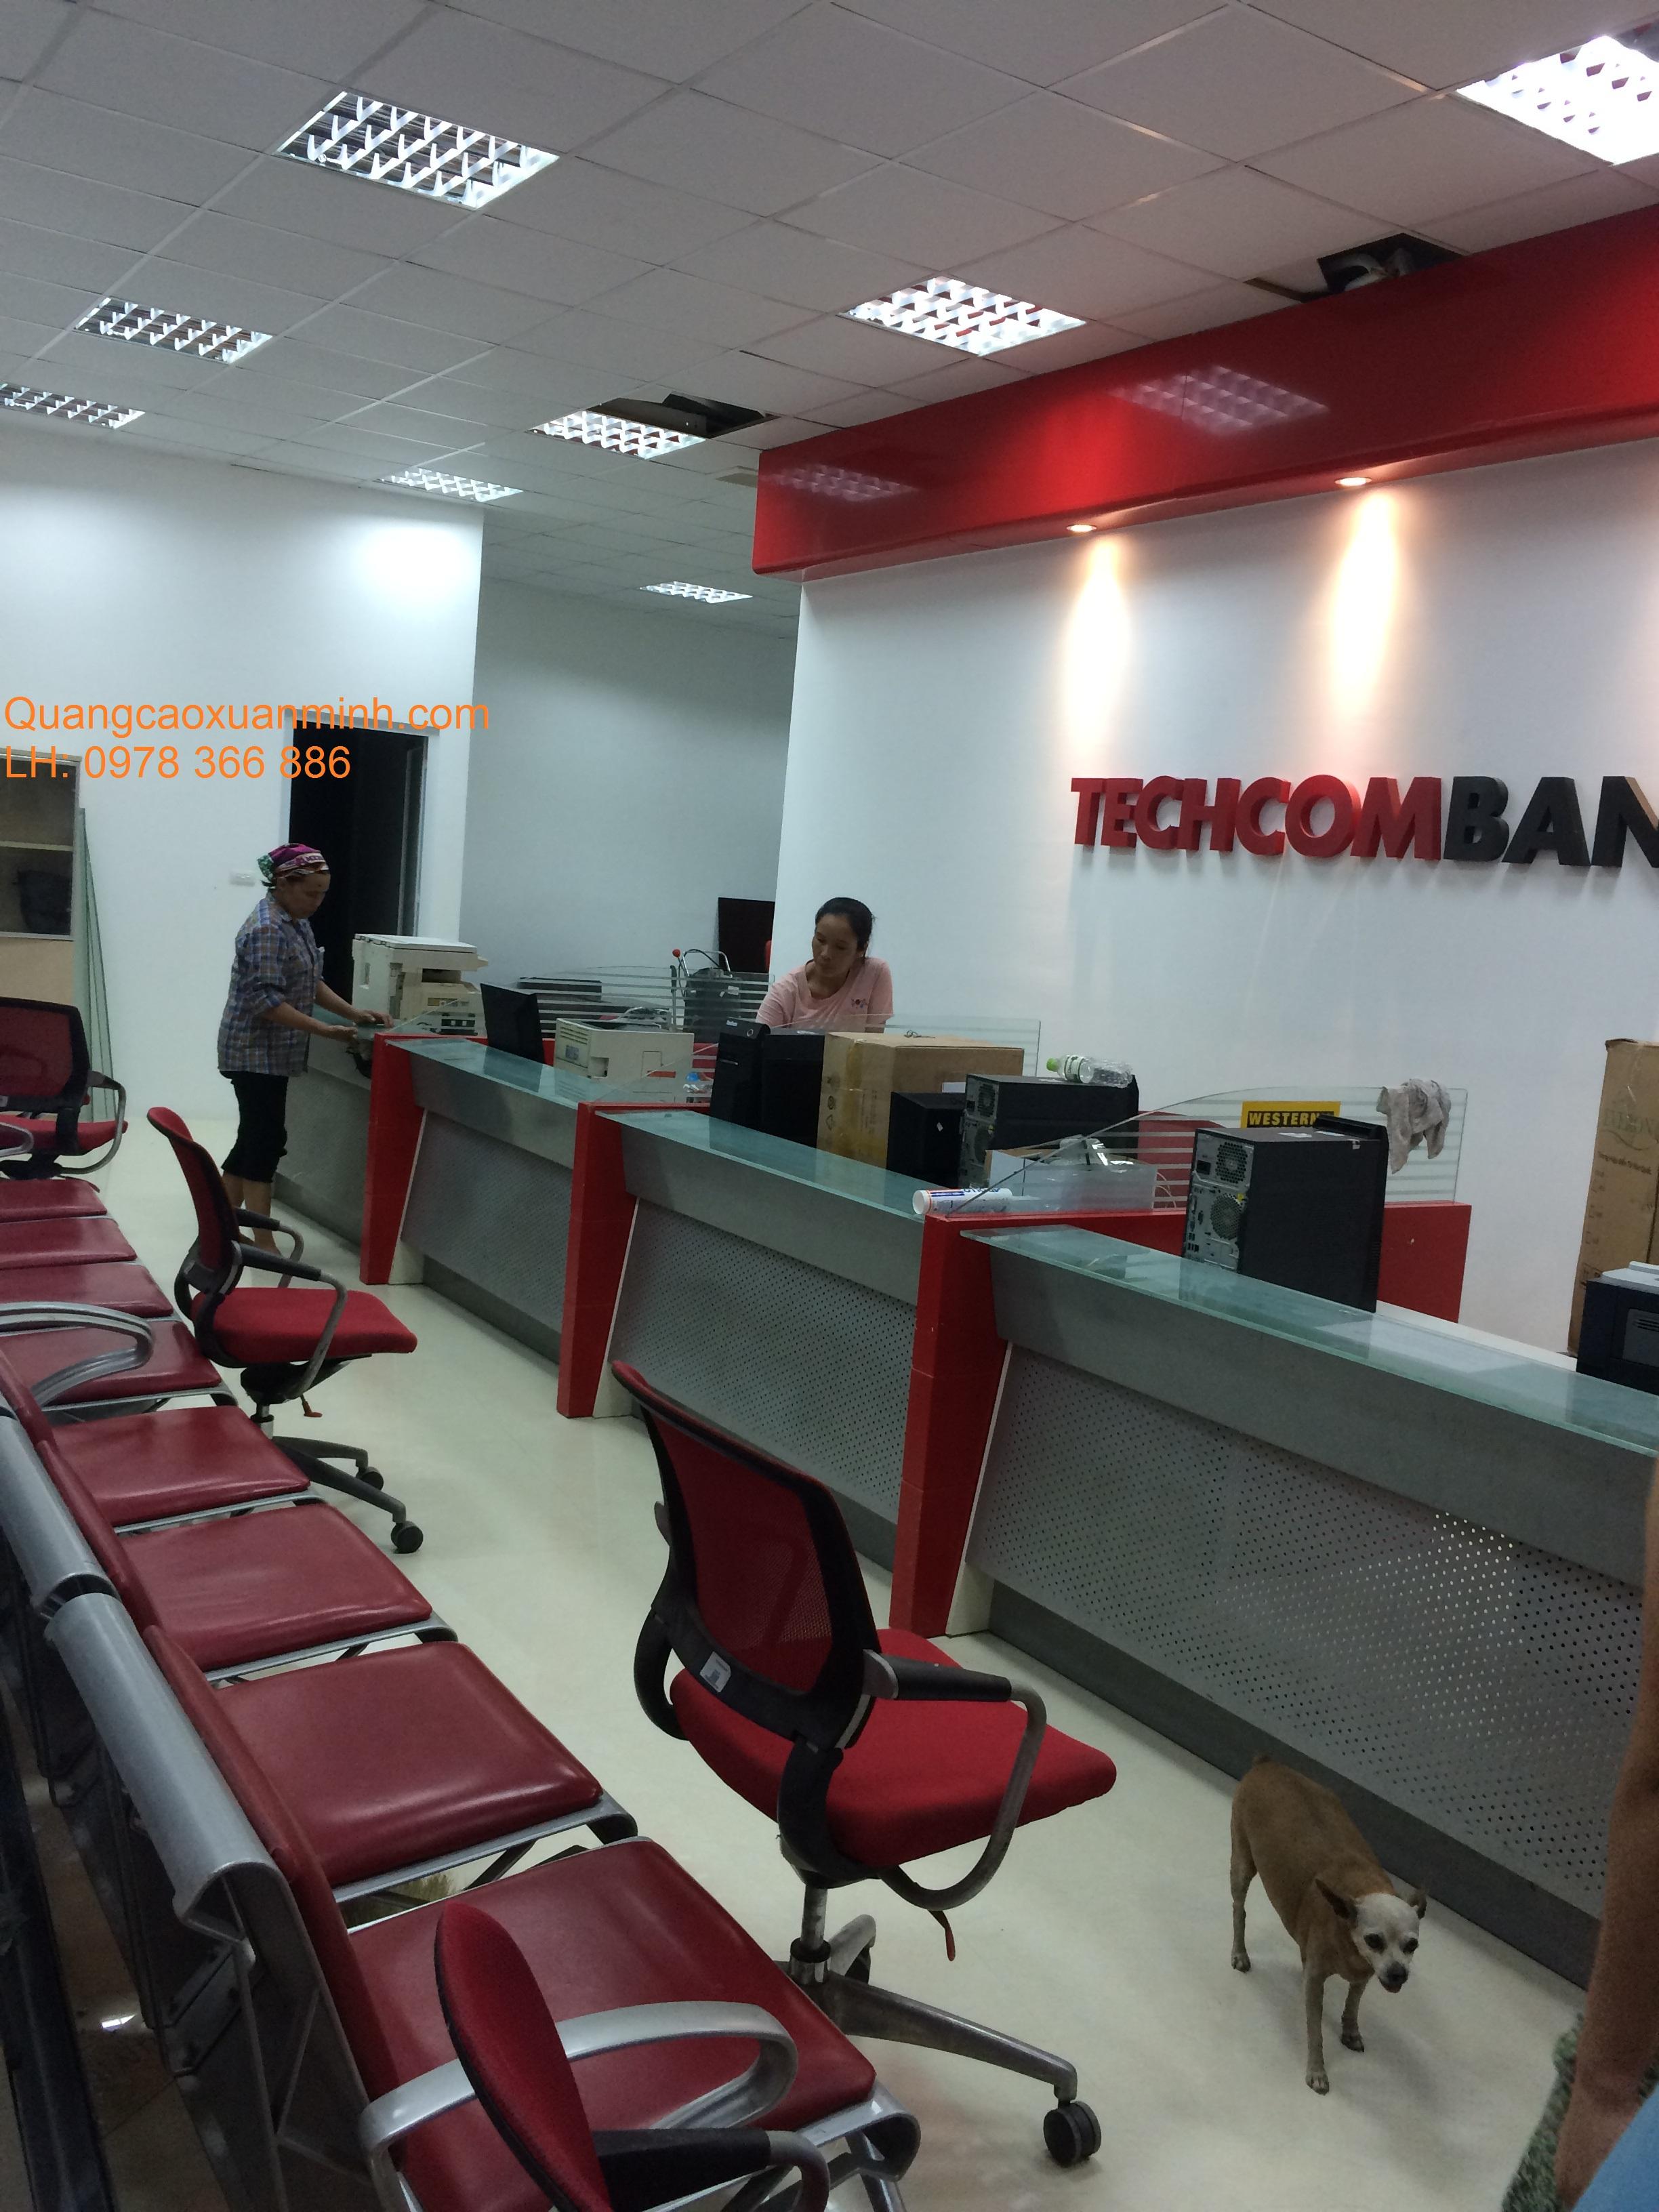 Hệ-thống-TechcomBank-chi-nhánh-Mỹ-Hào-Hưng-Yên